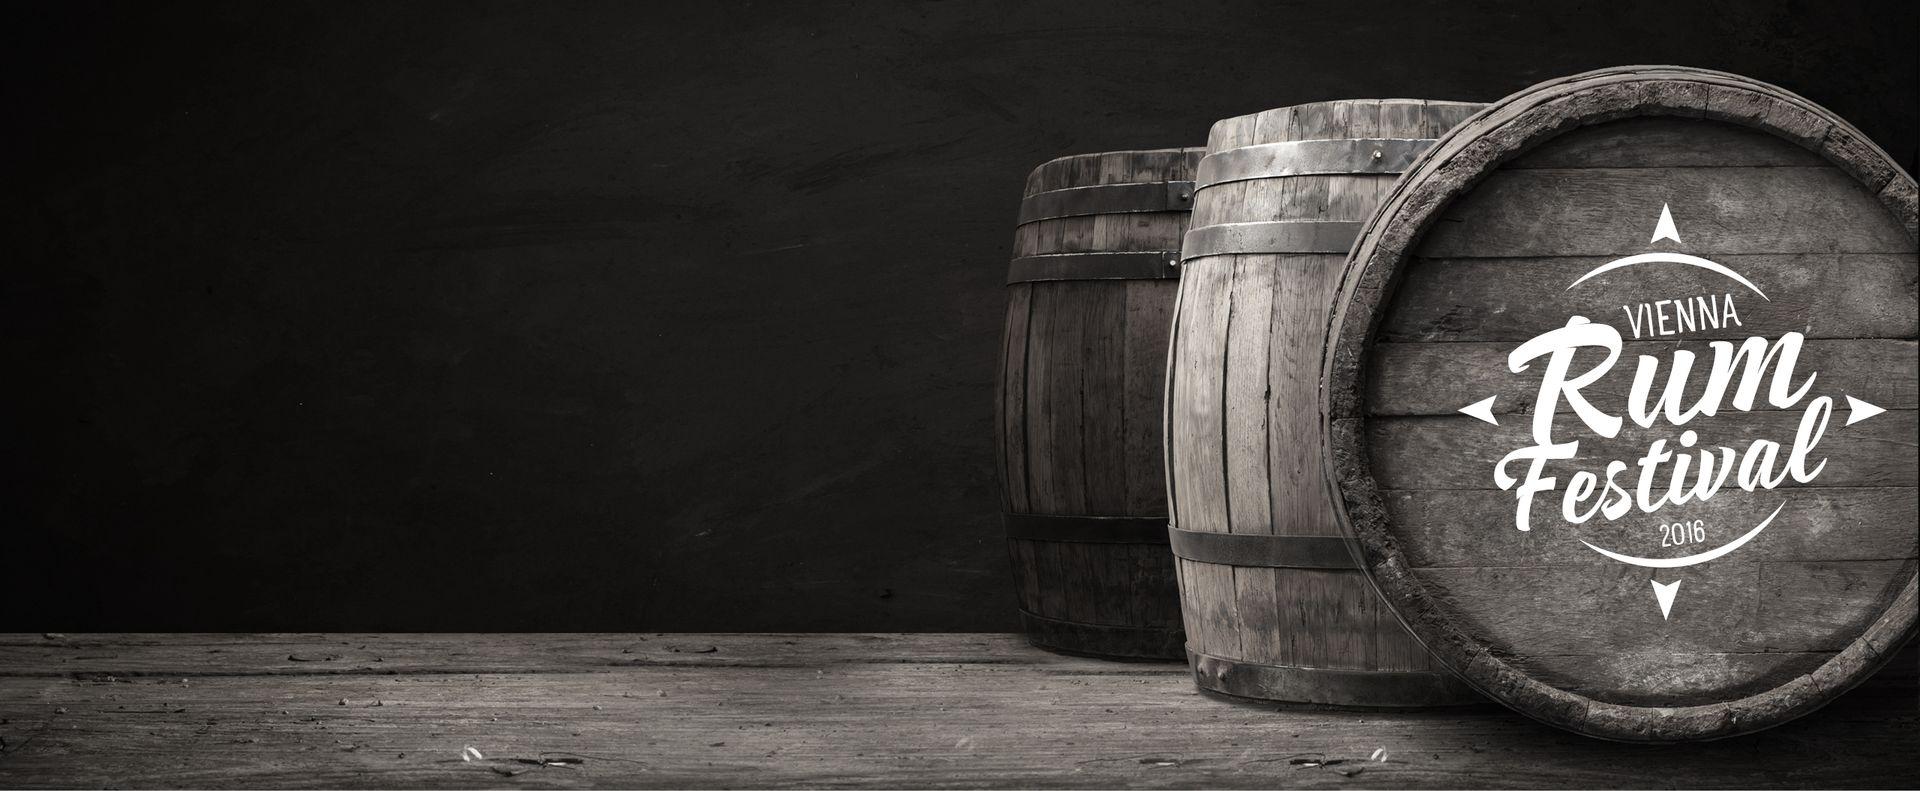 Vienna Rum Festival – ytterligare en mässa!